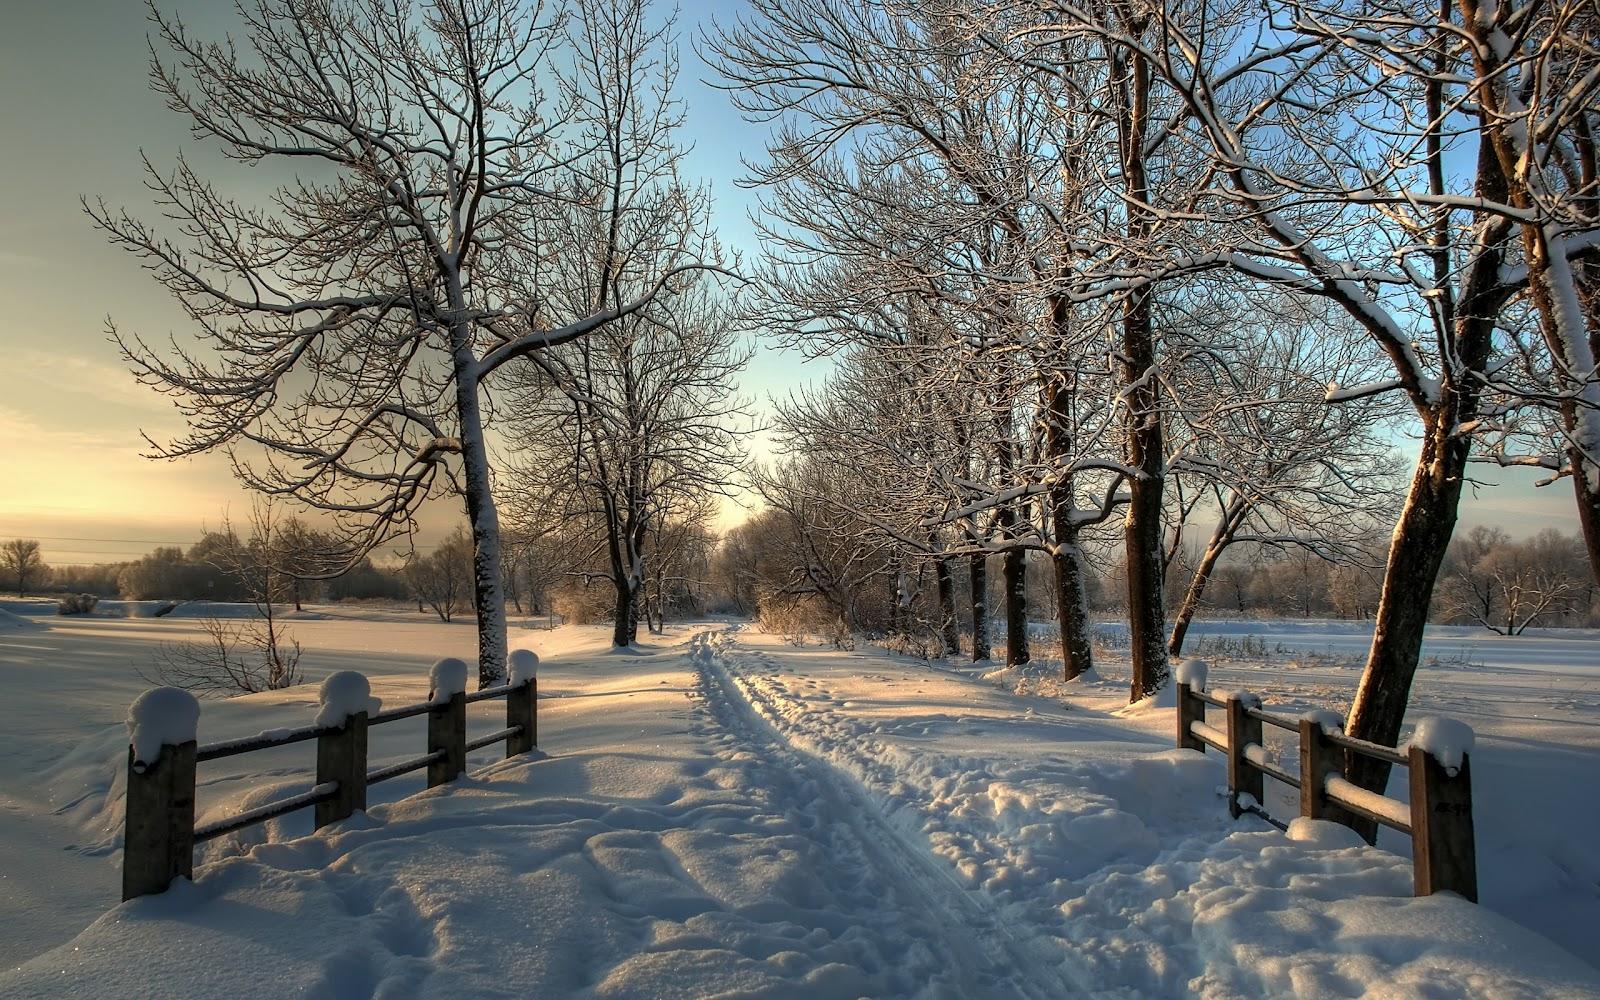 Winter achtergrond met een besneeuwde weg HD winter wallpaper 1600x1000